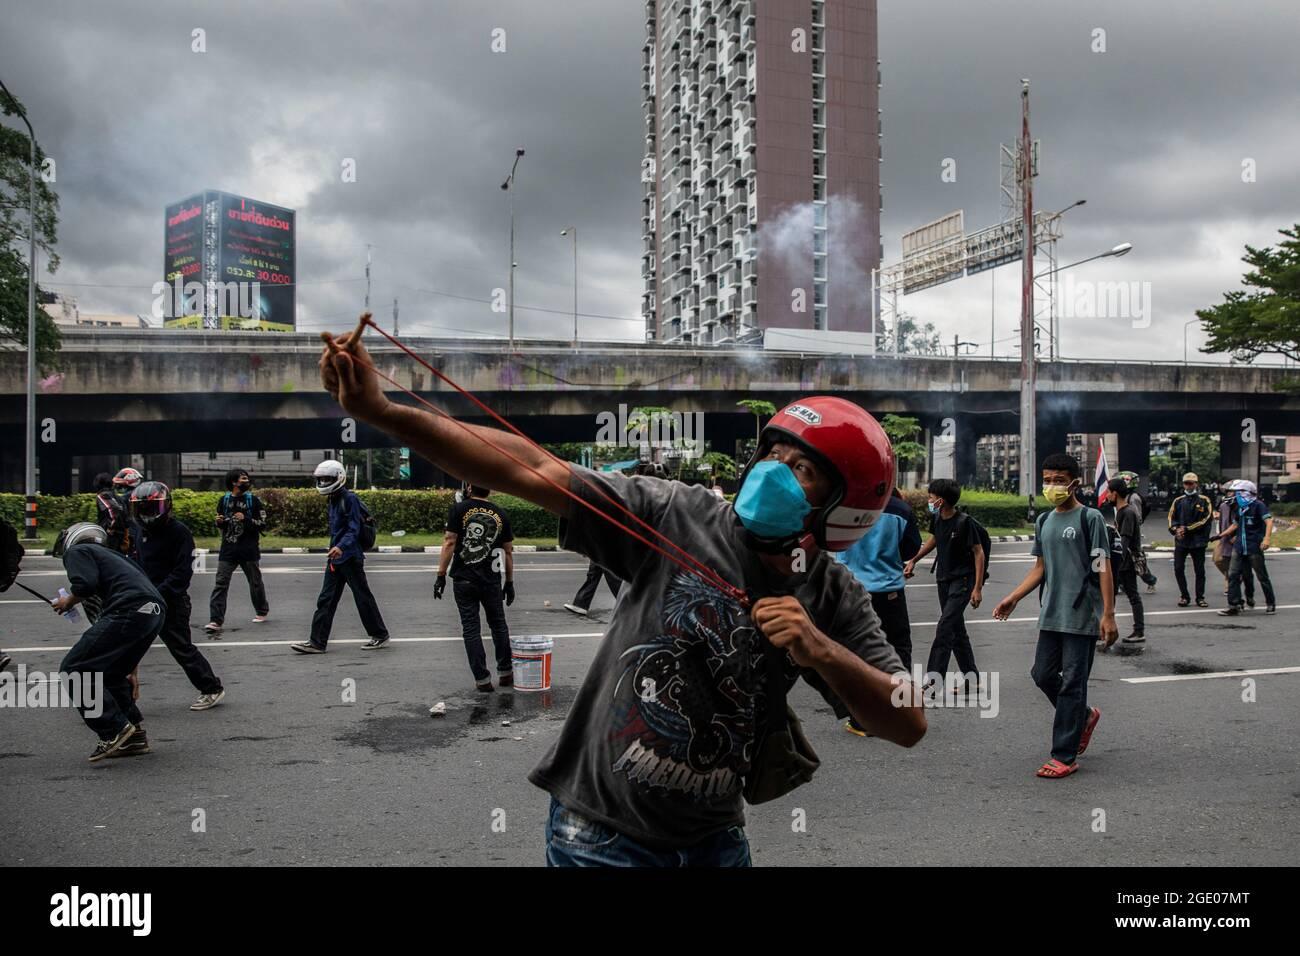 Bangkok, Thailandia. 15 agosto 2021. Un manifestante a favore della democrazia spara un colpo di schiaffo durante gli scontri con la polizia a Bangkok, Thailandia, il 15 agosto 2021. Un rally motociclistico di tutta la città, composto principalmente da Camicie rosse e guidato dall'ex legnista, Nattawut Saikuar, ha attraversato Bangkok in modo pacifico, esortando i manifestanti a non diventare violenti. Tuttavia, alcuni manifestanti, per la maggior parte gruppi giovanili come REDEM, hanno tentato ancora una volta di raggiungere la residenza del primo ministro tailandese, Prayuth Chan-OCHA, che inevitabilmente si è conclusa in scontri con le forze dell'ordine. Credit: ZUMA Press, Inc./Alamy Live News Foto Stock